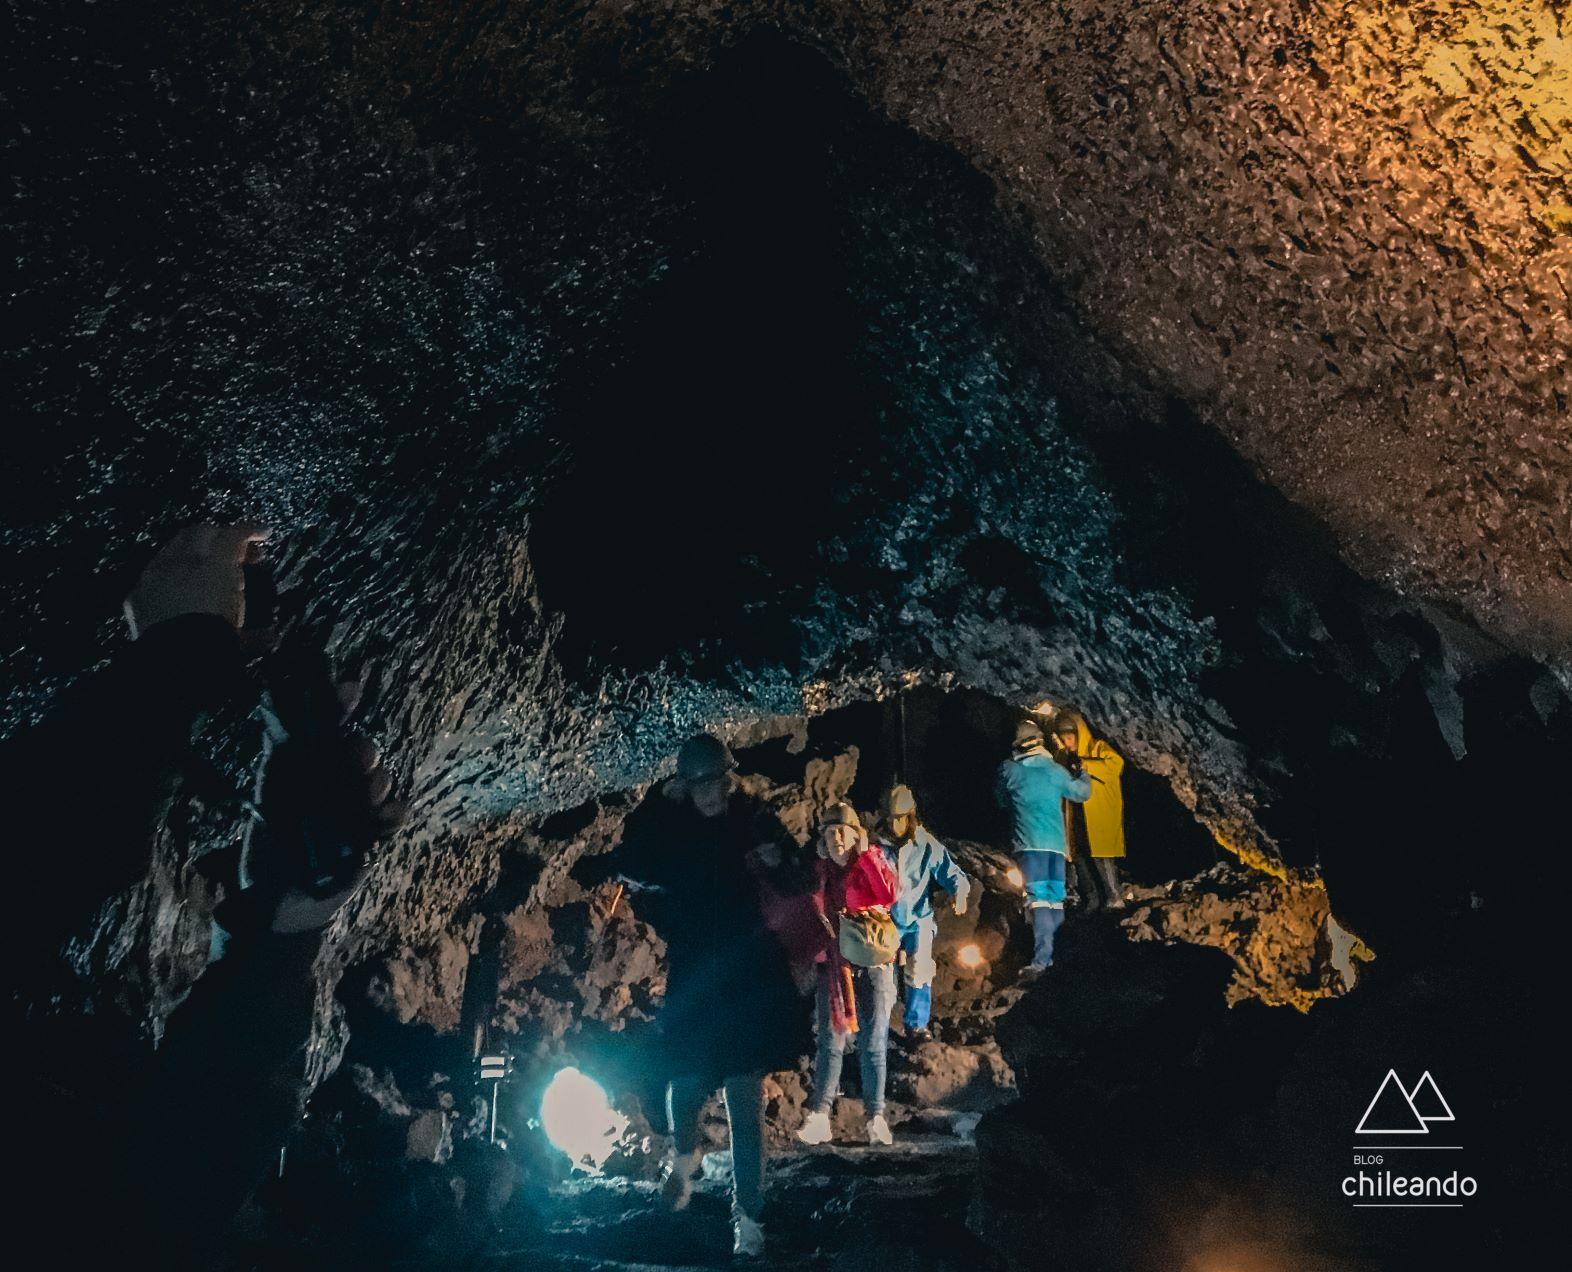 Iluminação artificial na caverna